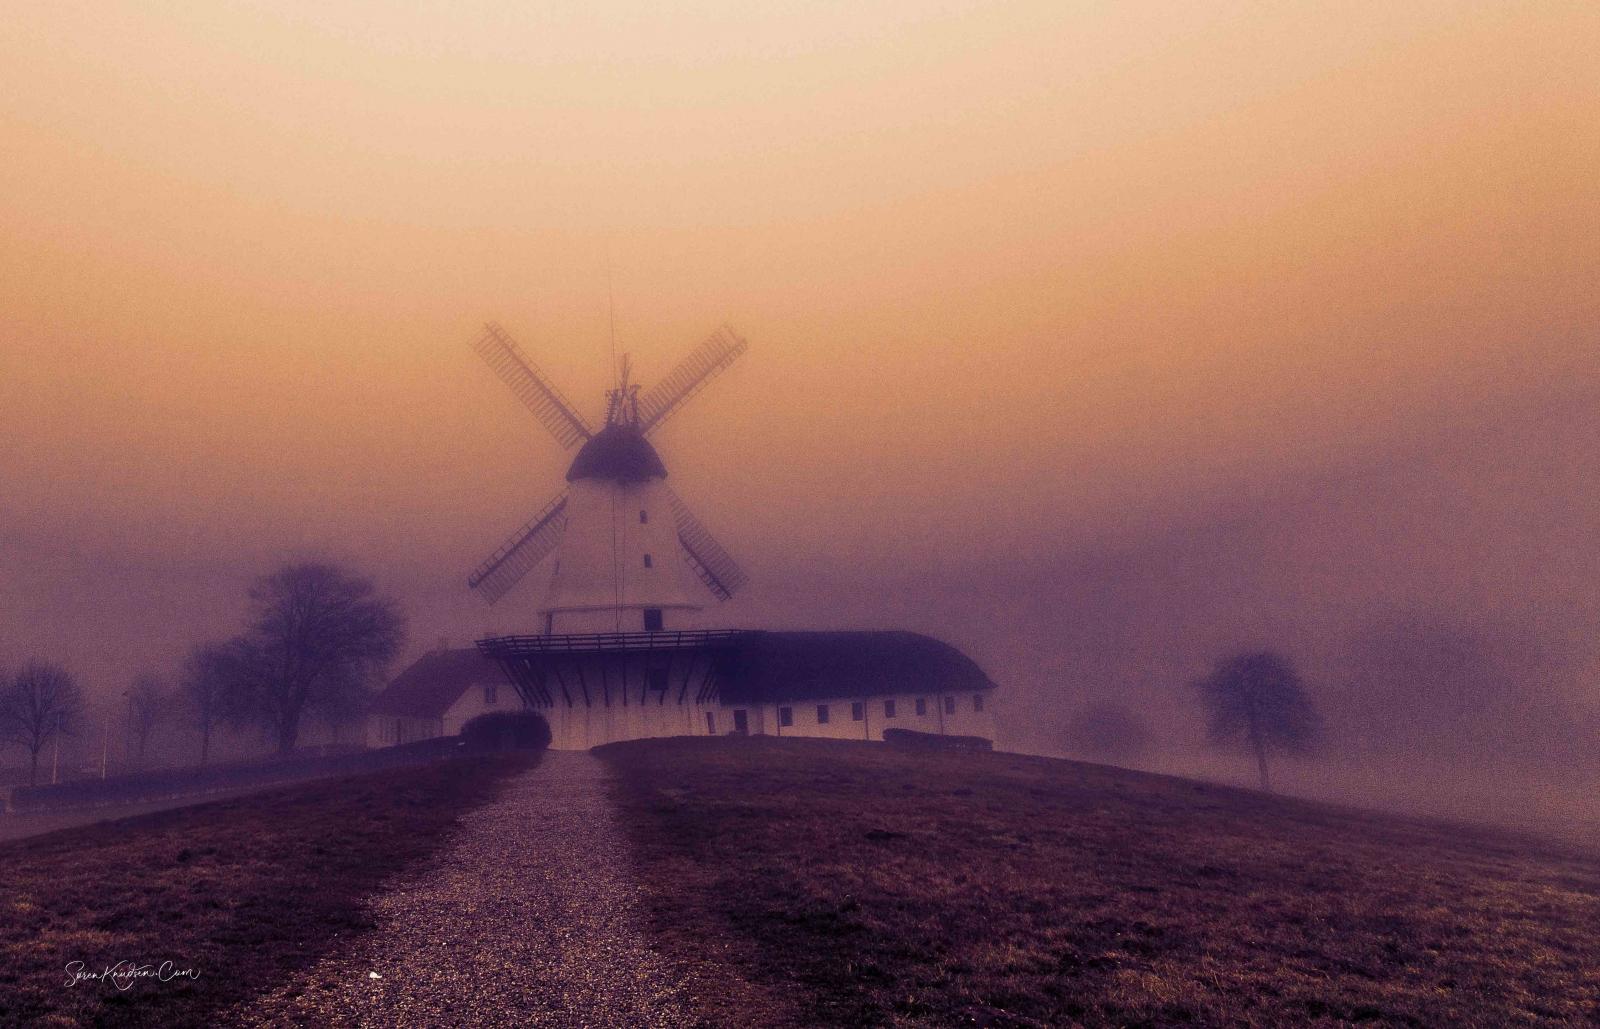 Tåge_Dybbøl-mølle_1864_gendarmstien2-3